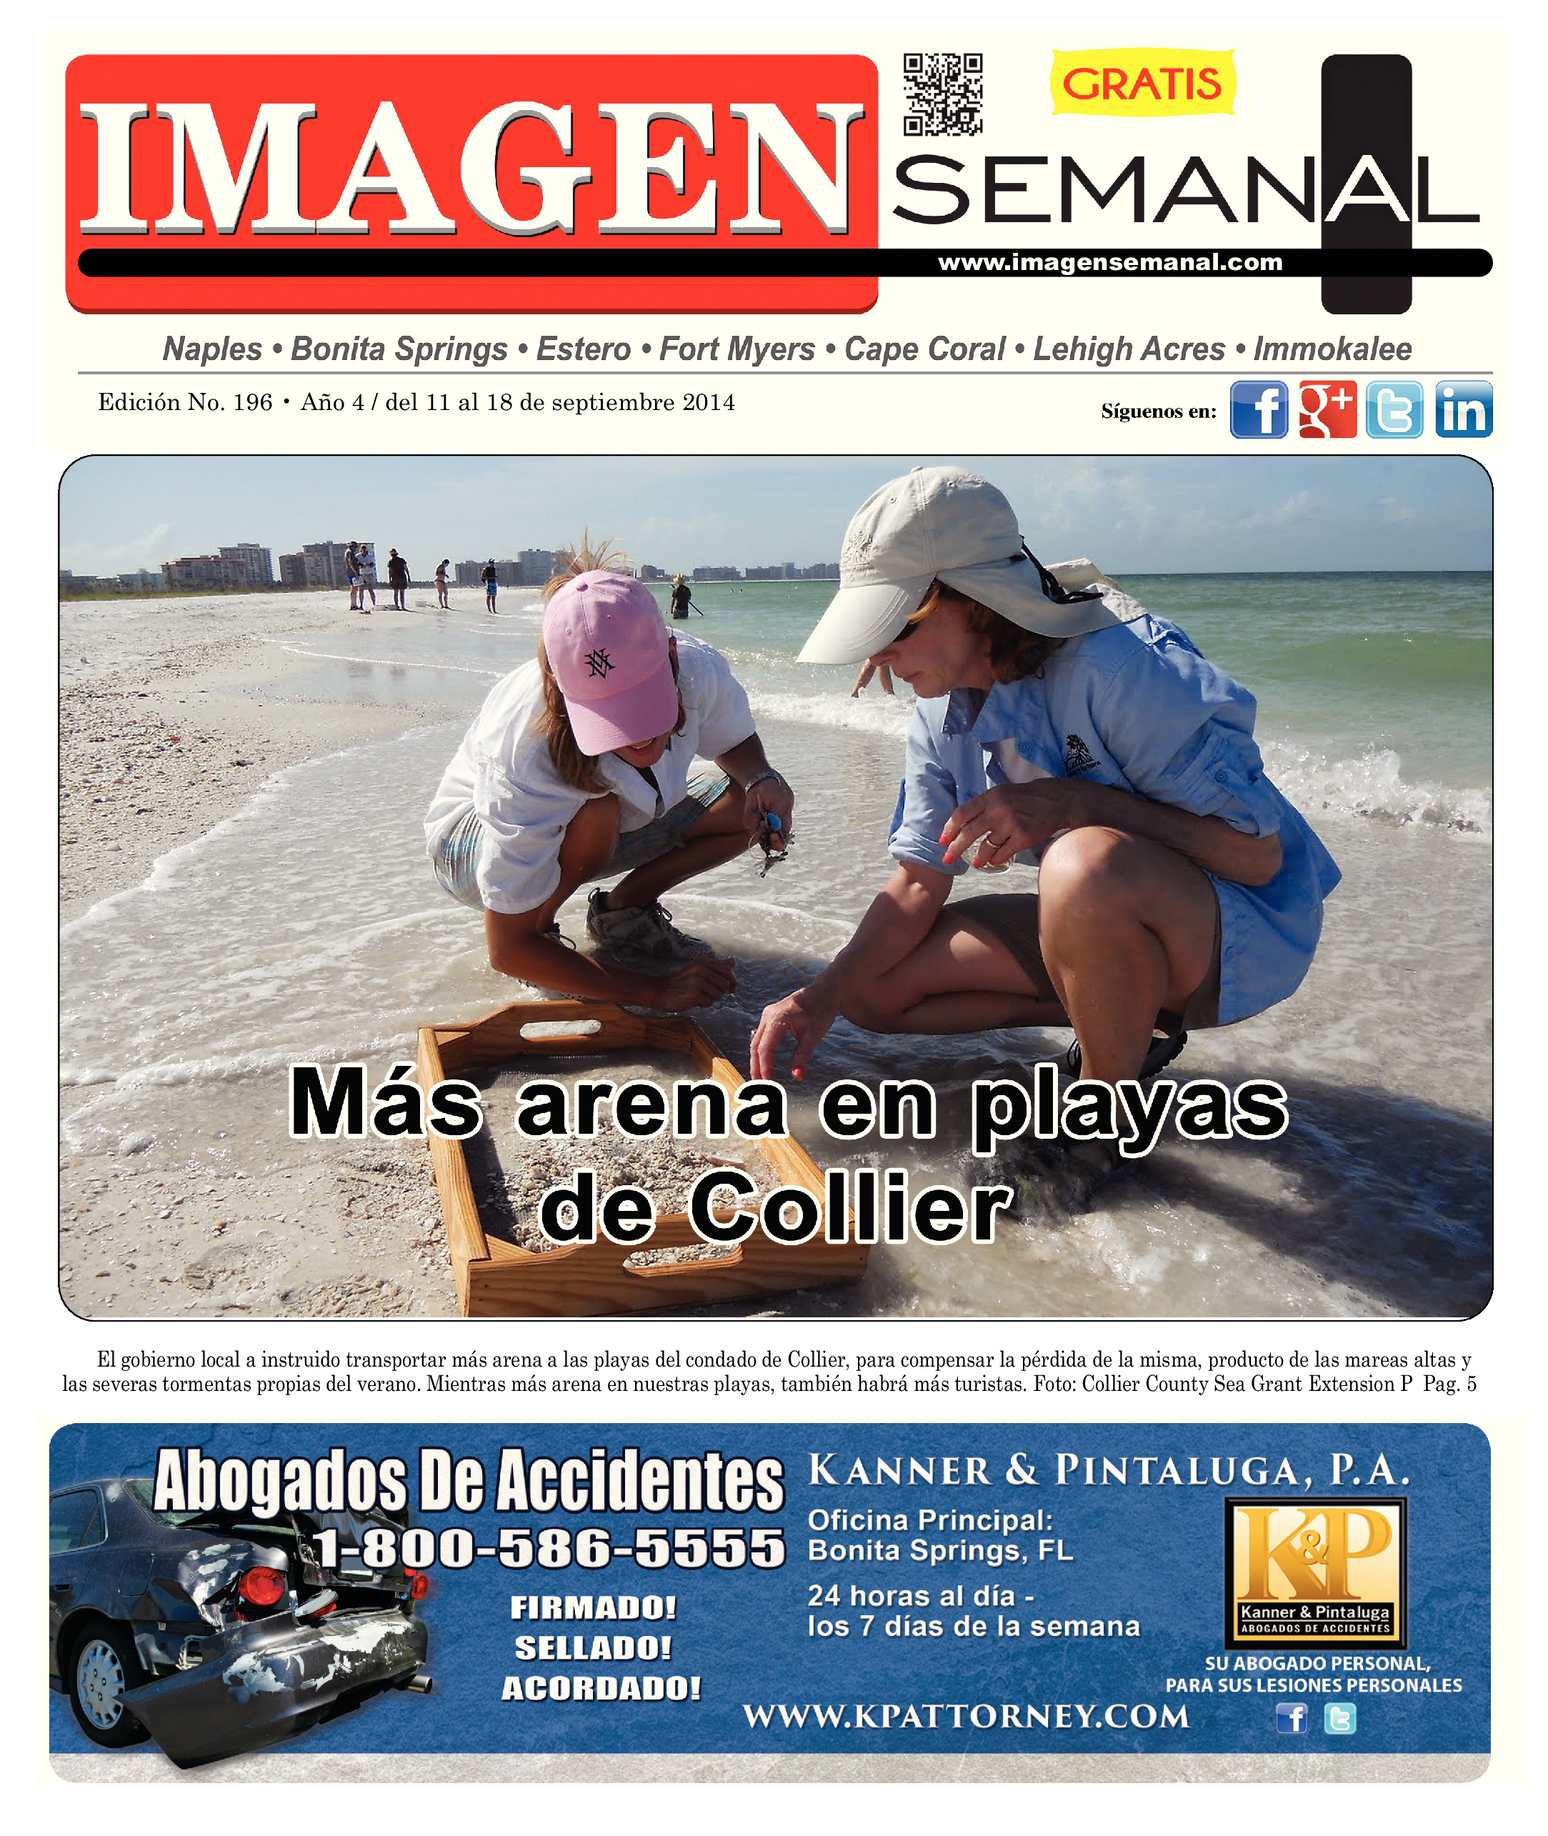 Calaméo - Imagen Semanal Edición # 196